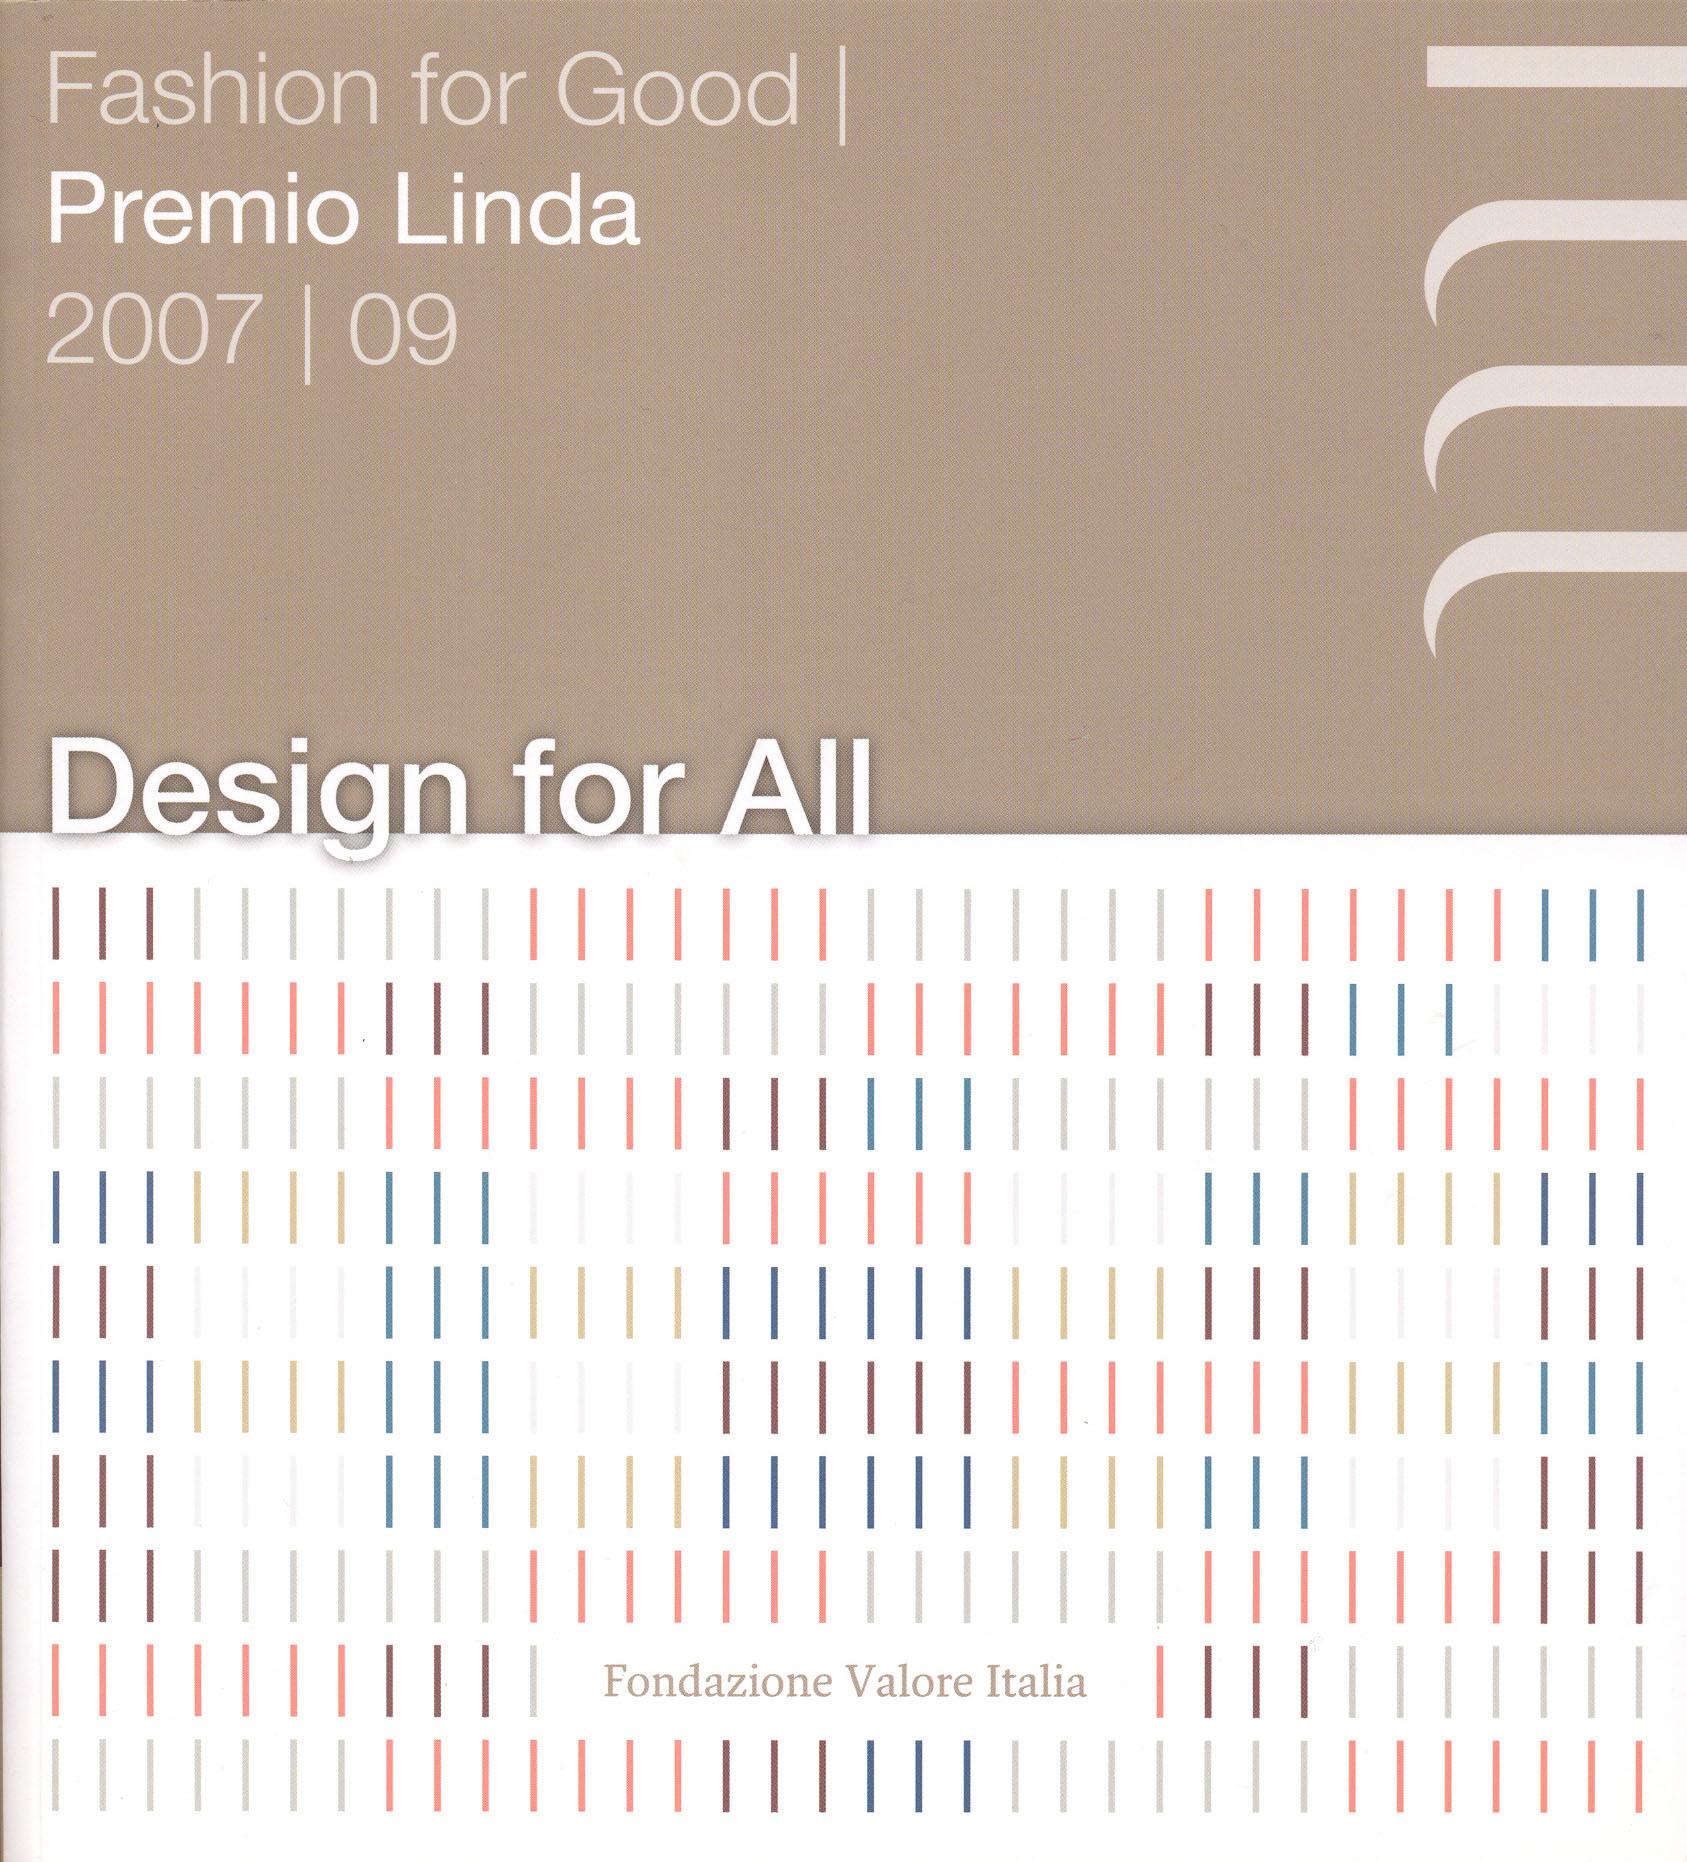 AA.VV. (2010) Design for All, Roma, Fondazione Valore Italia.